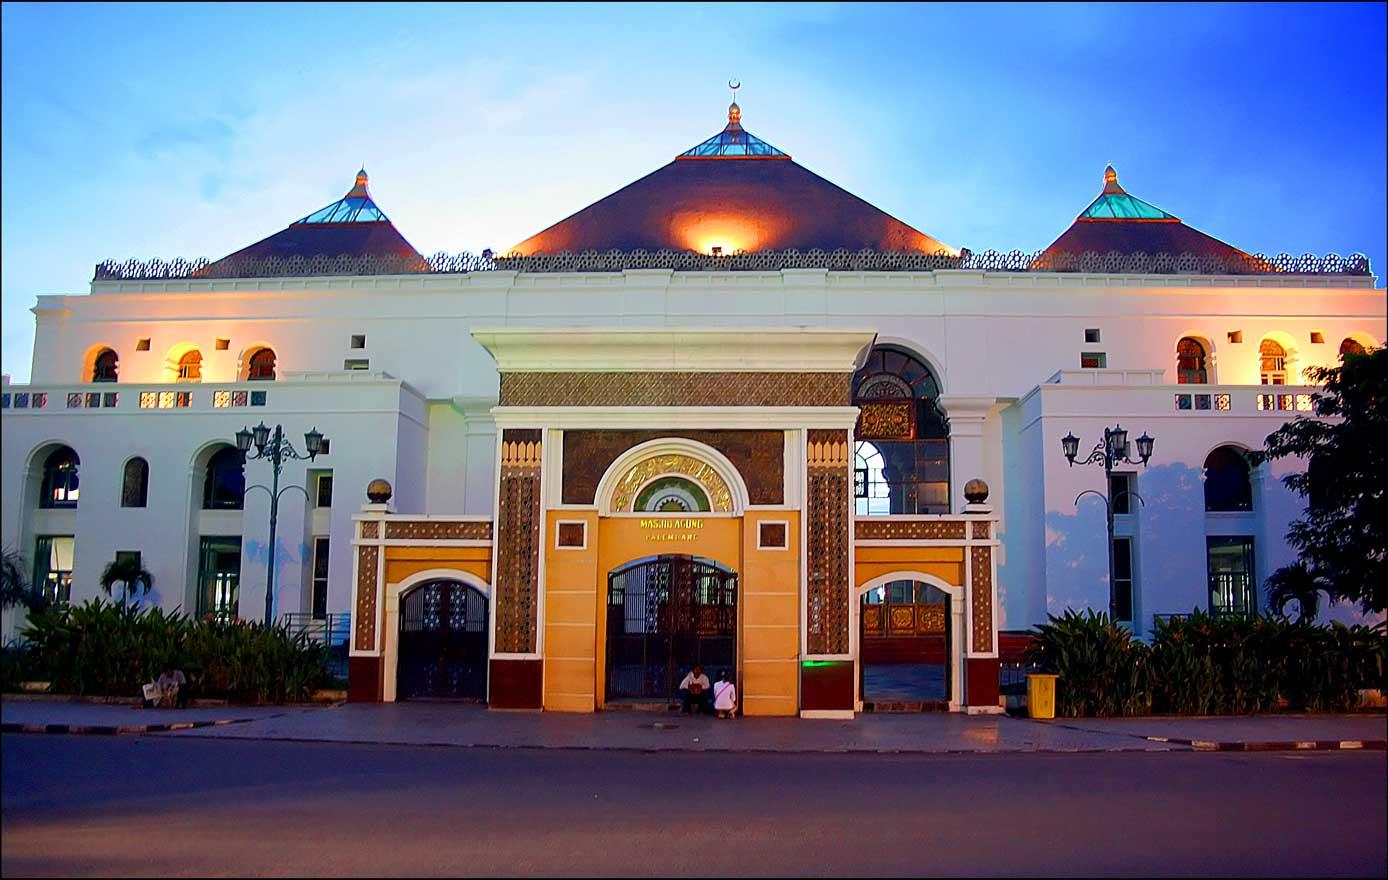 Baiturahmannews Blogspot Palembang Bangun Masjid Termegah Indonesia Akhlakul Karimah Kab